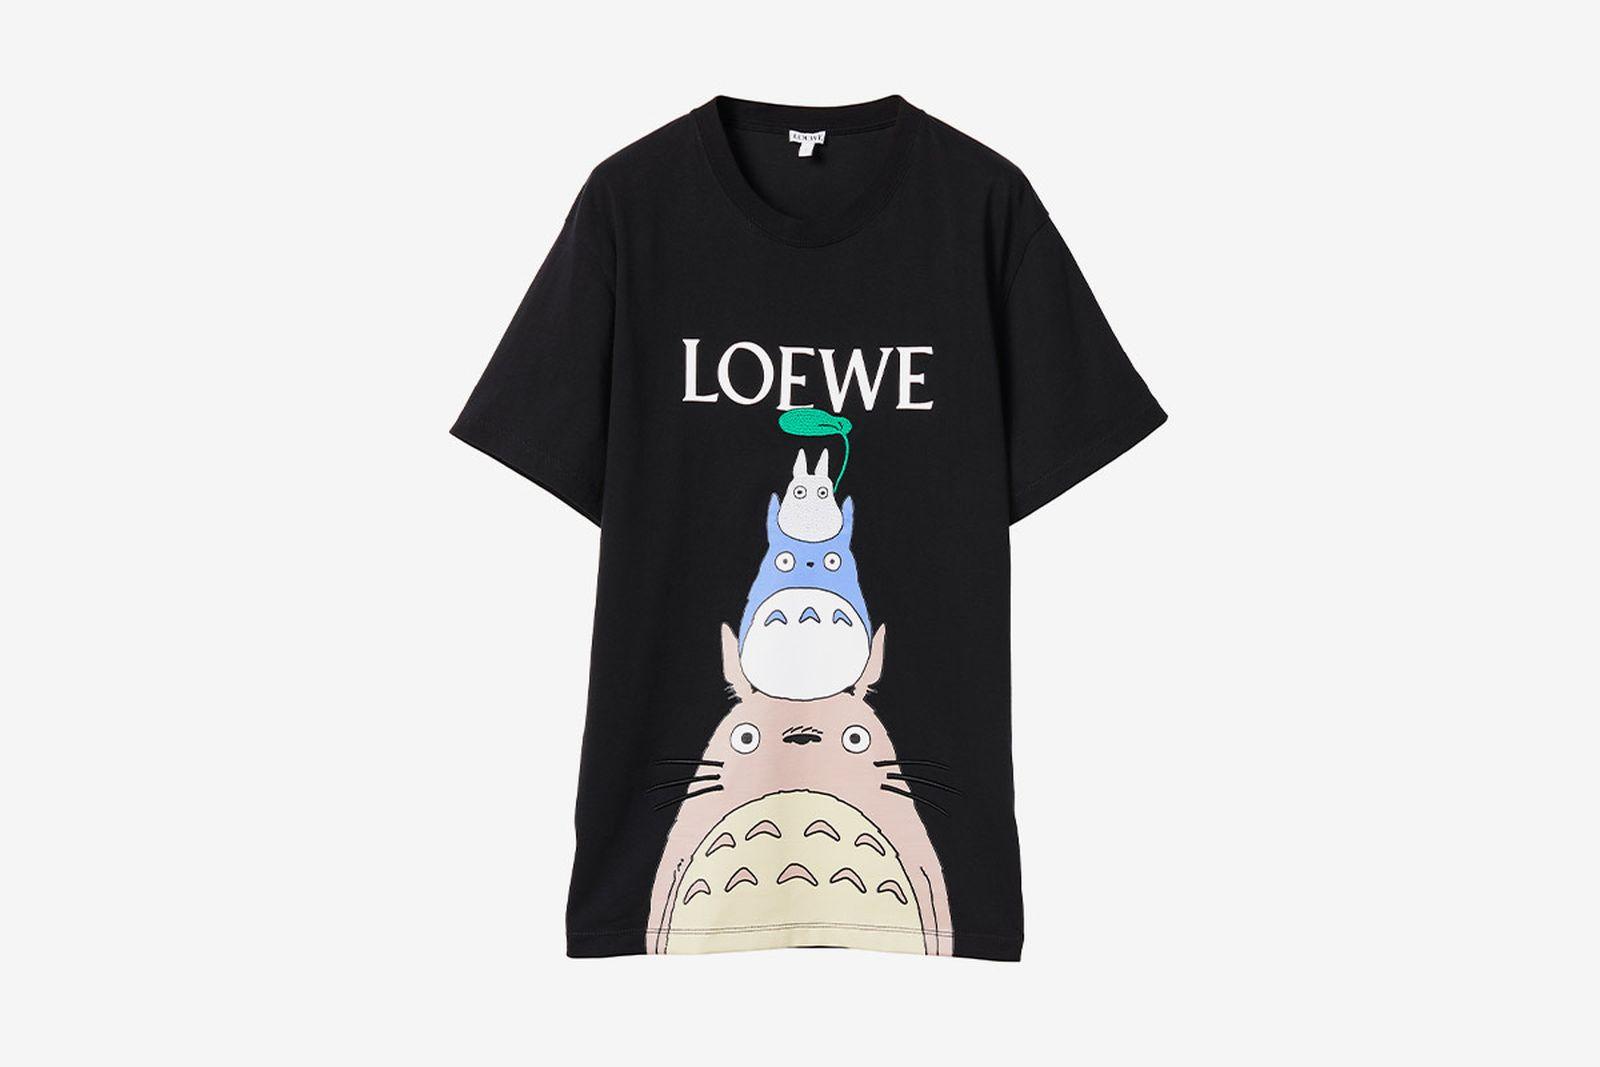 loewe-my-neighbor-totoro-collection-05